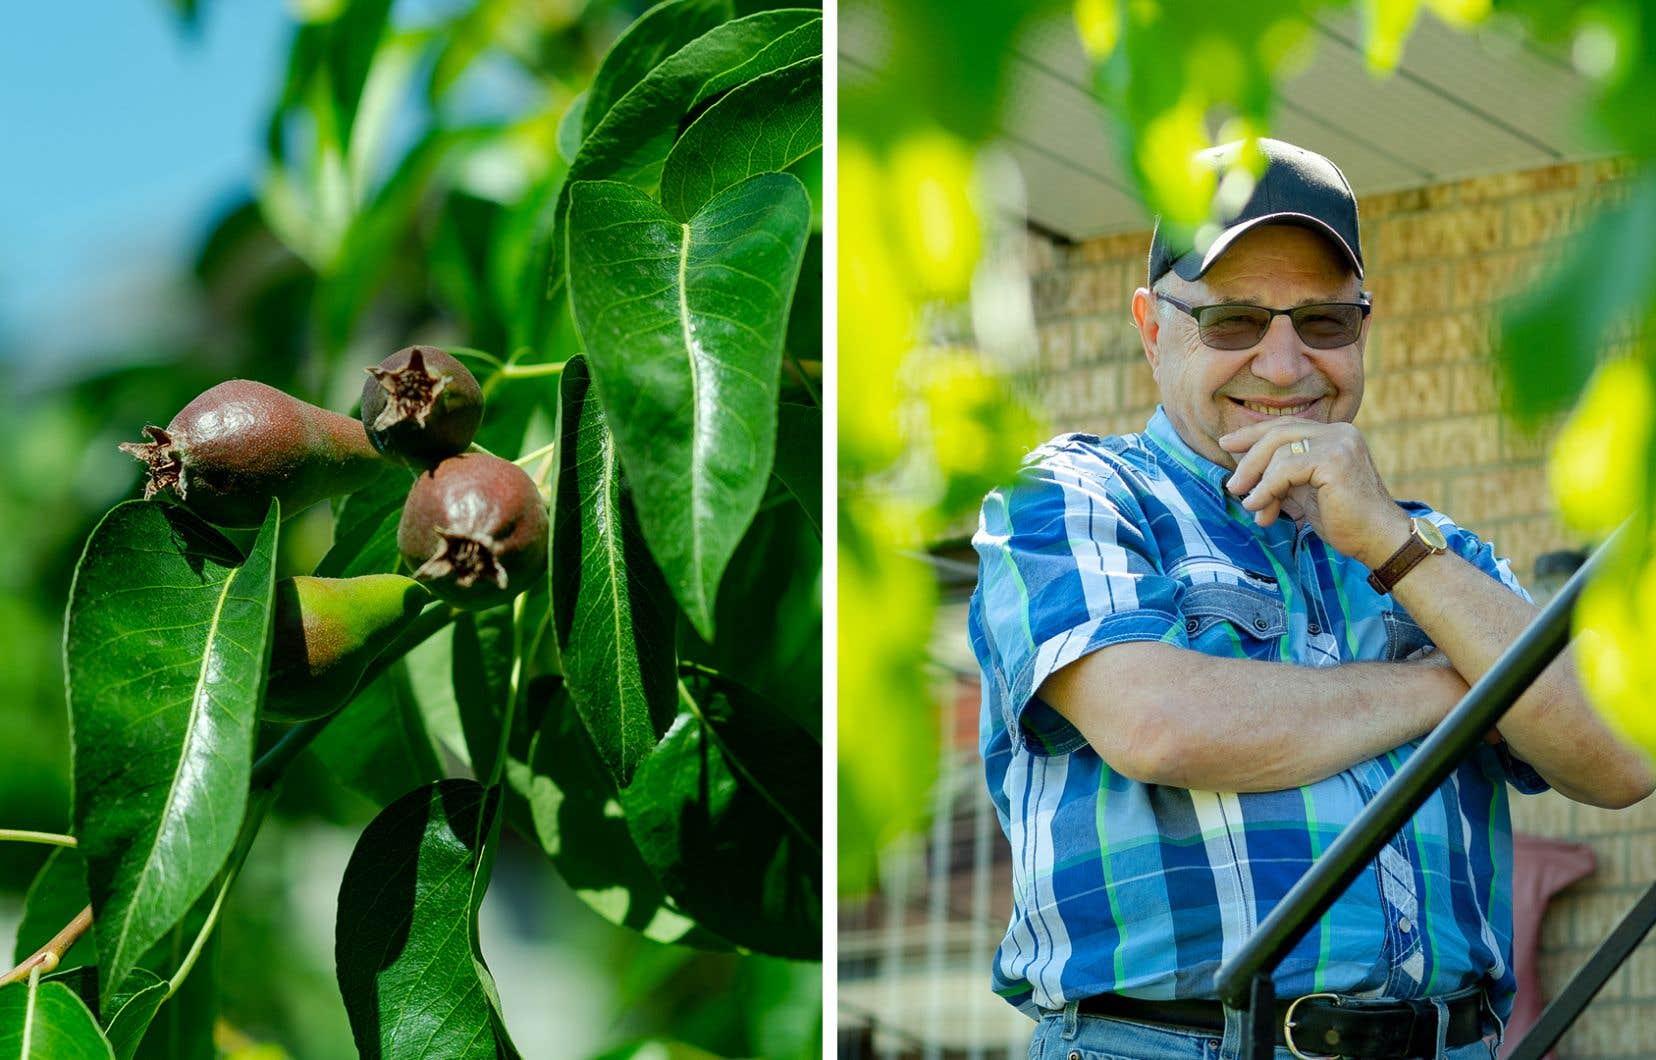 José Neves dans sa cour arrière, où sa femme et lui font pousser légumes, arbres fruitiers et fines herbes.